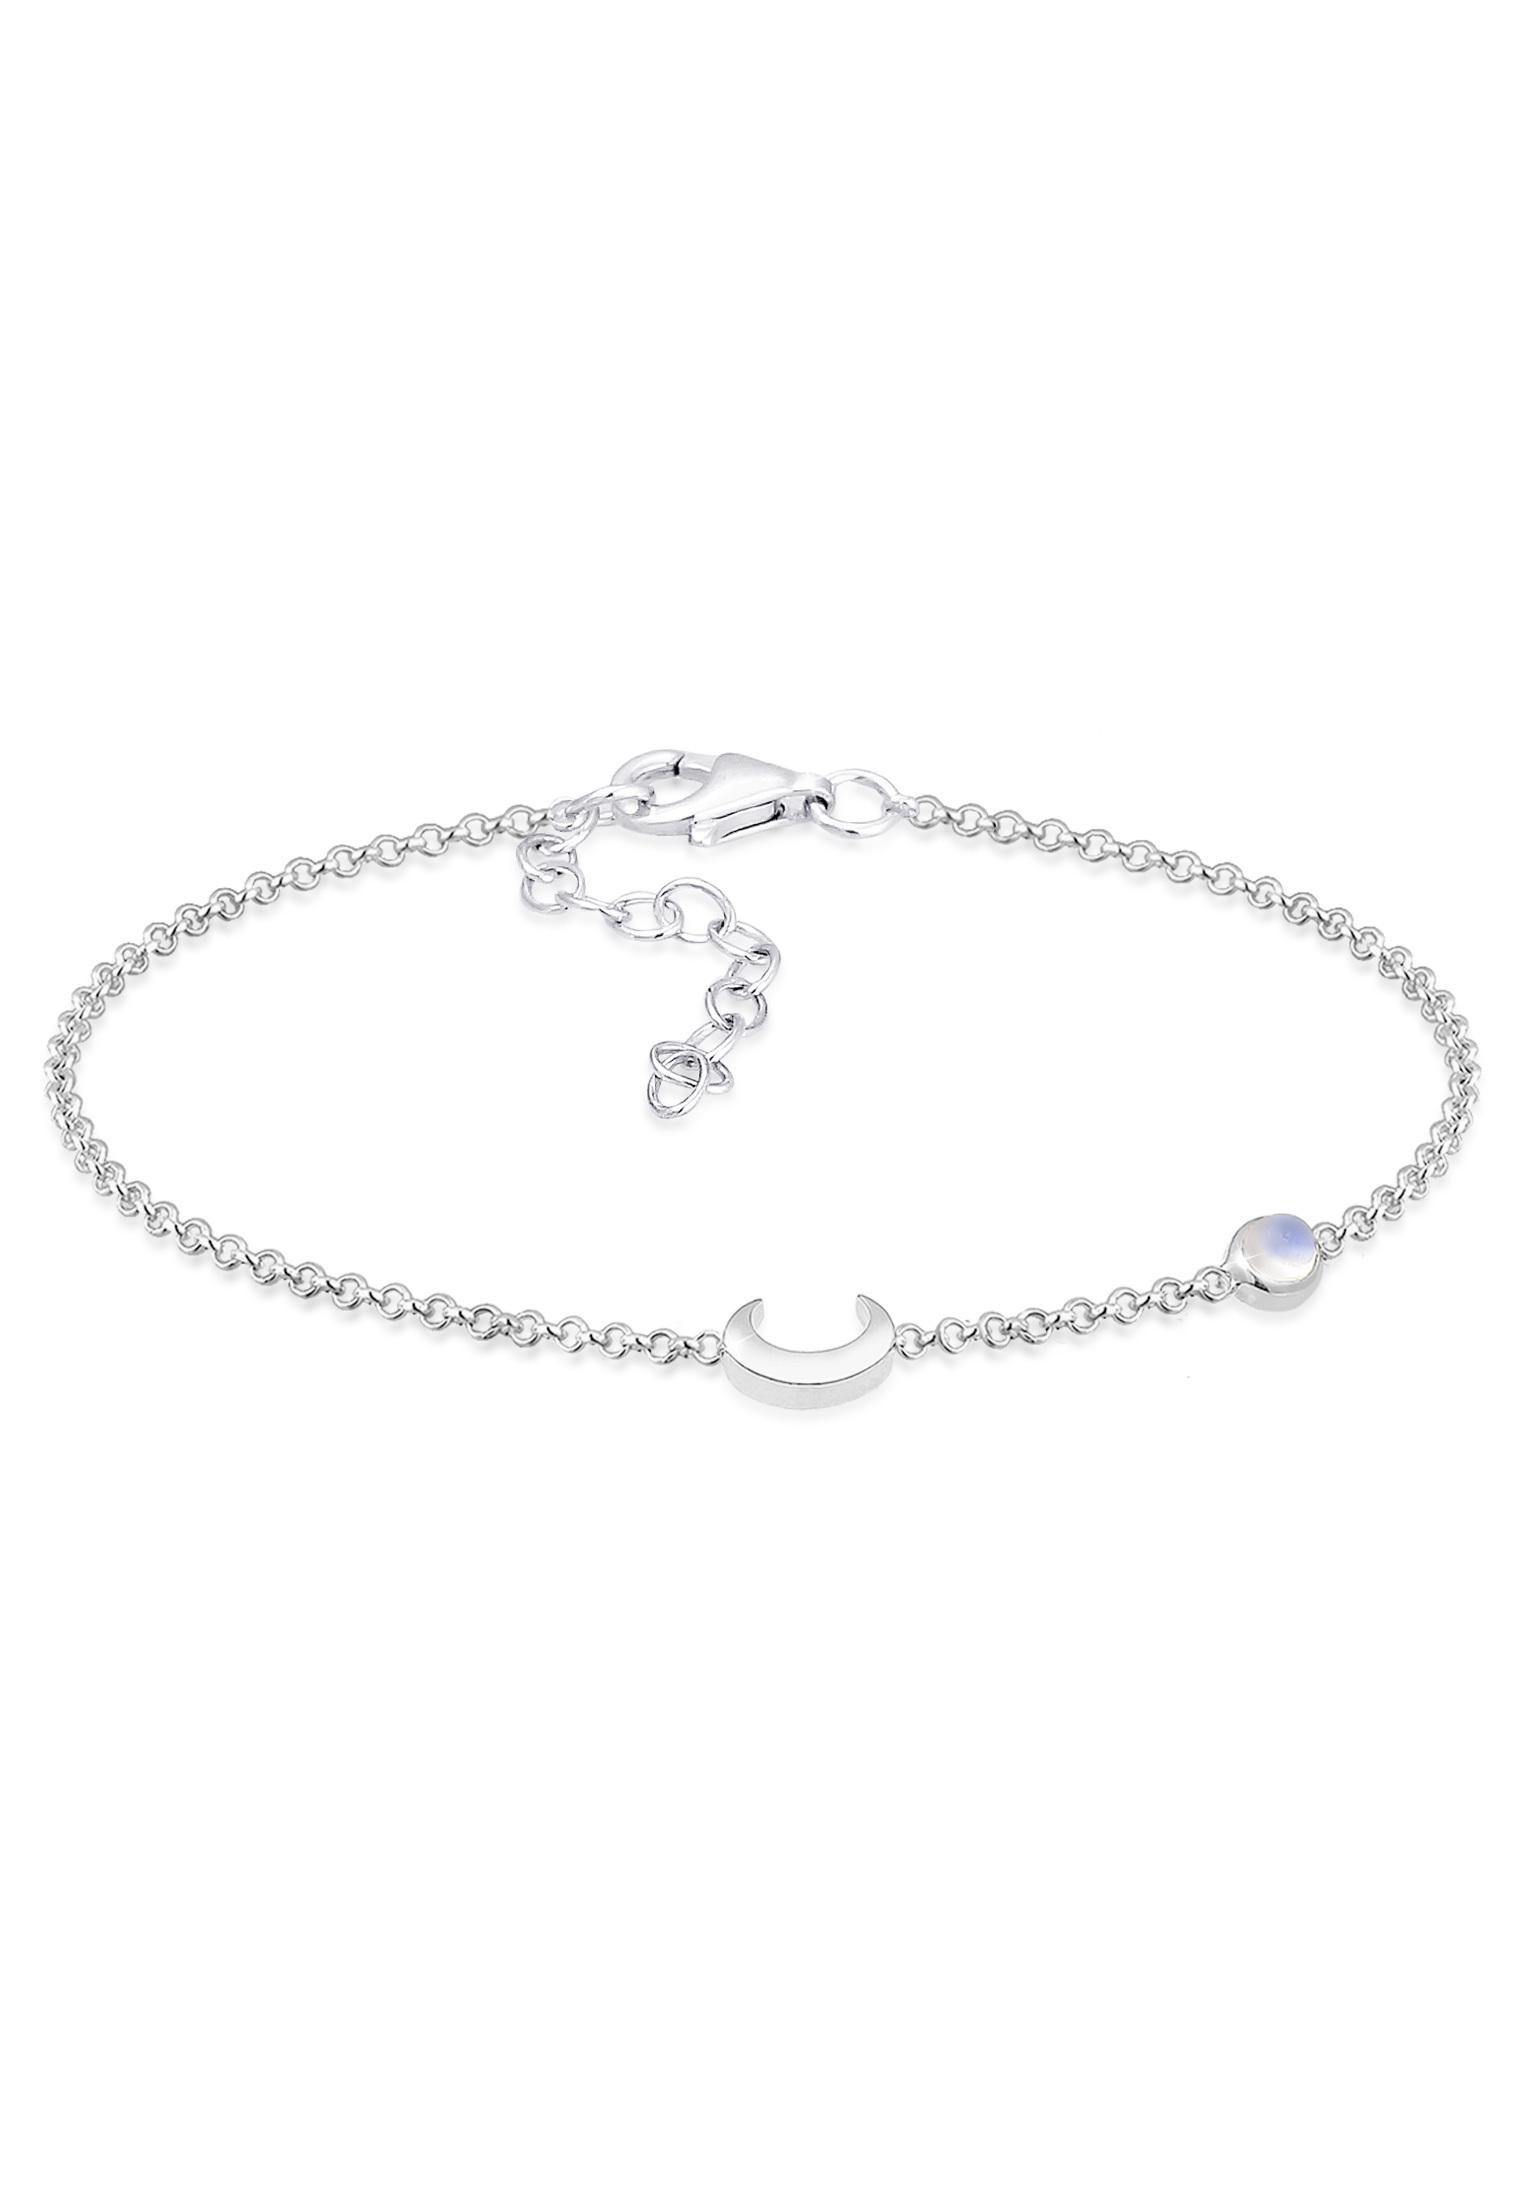 Armband Astro | Mondstein ( Weiß ) | 925 Sterling Silber vergoldet